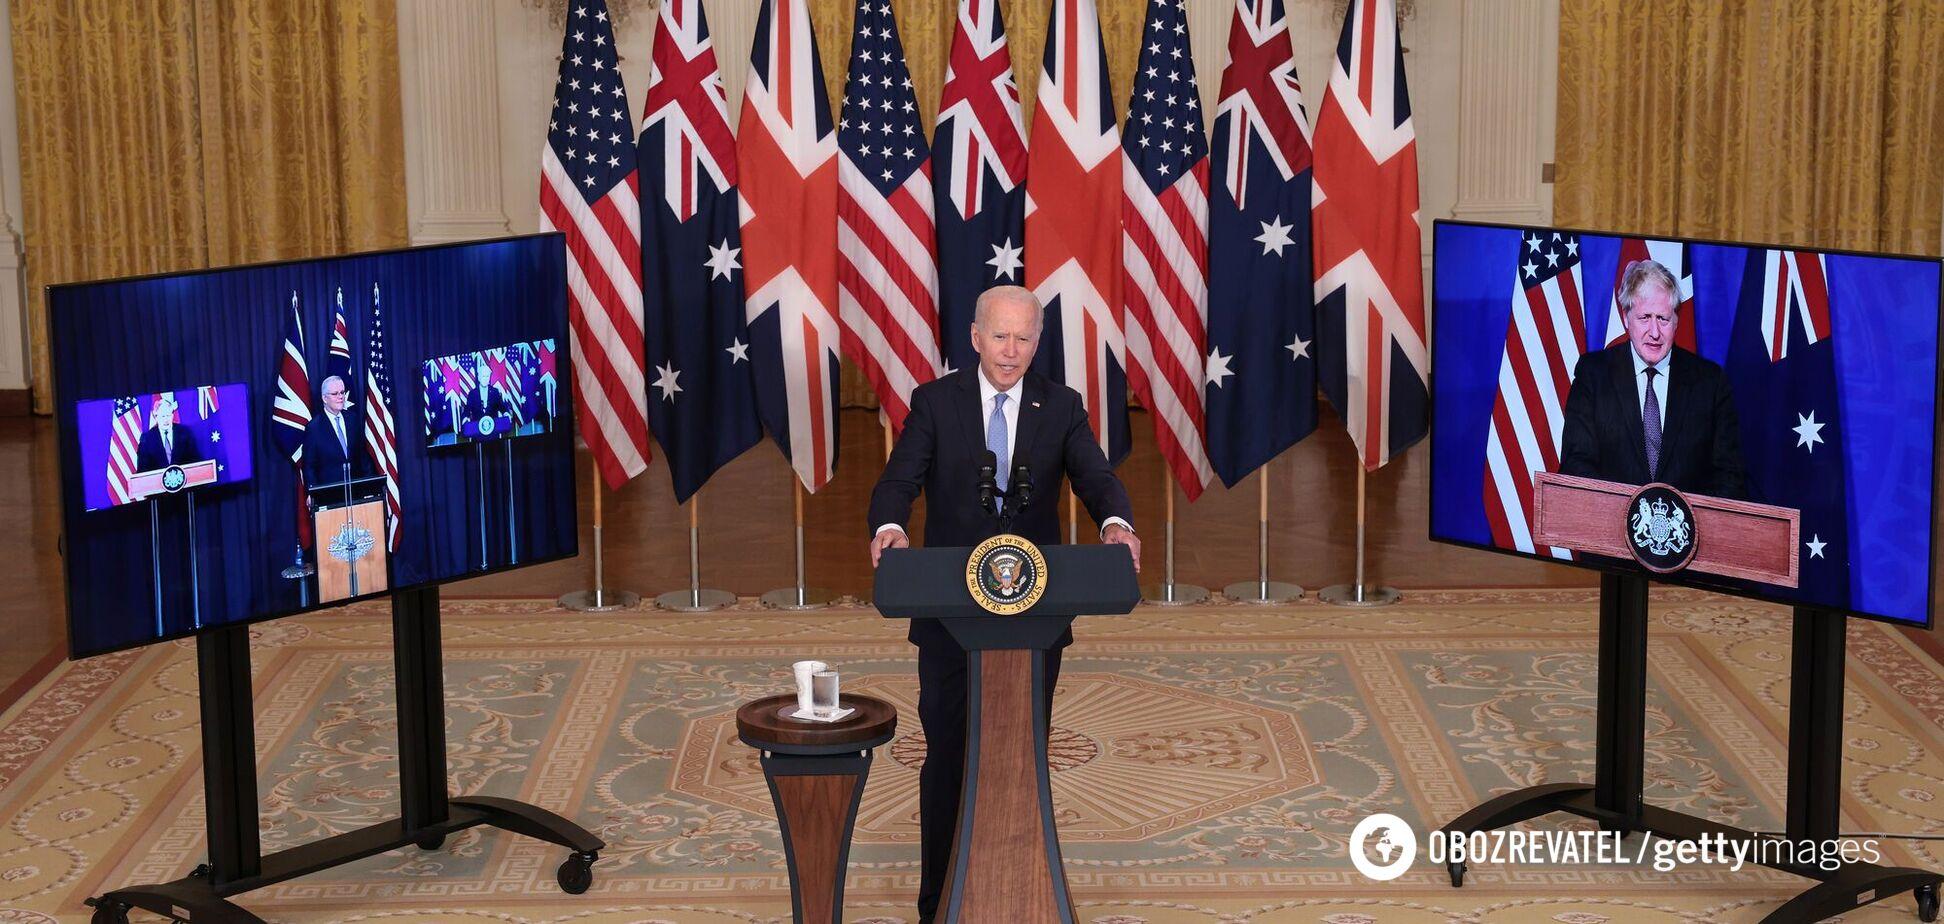 Британия, США и Австралия подписали исторический пакт о безопасности и обмене оборонными технологиями